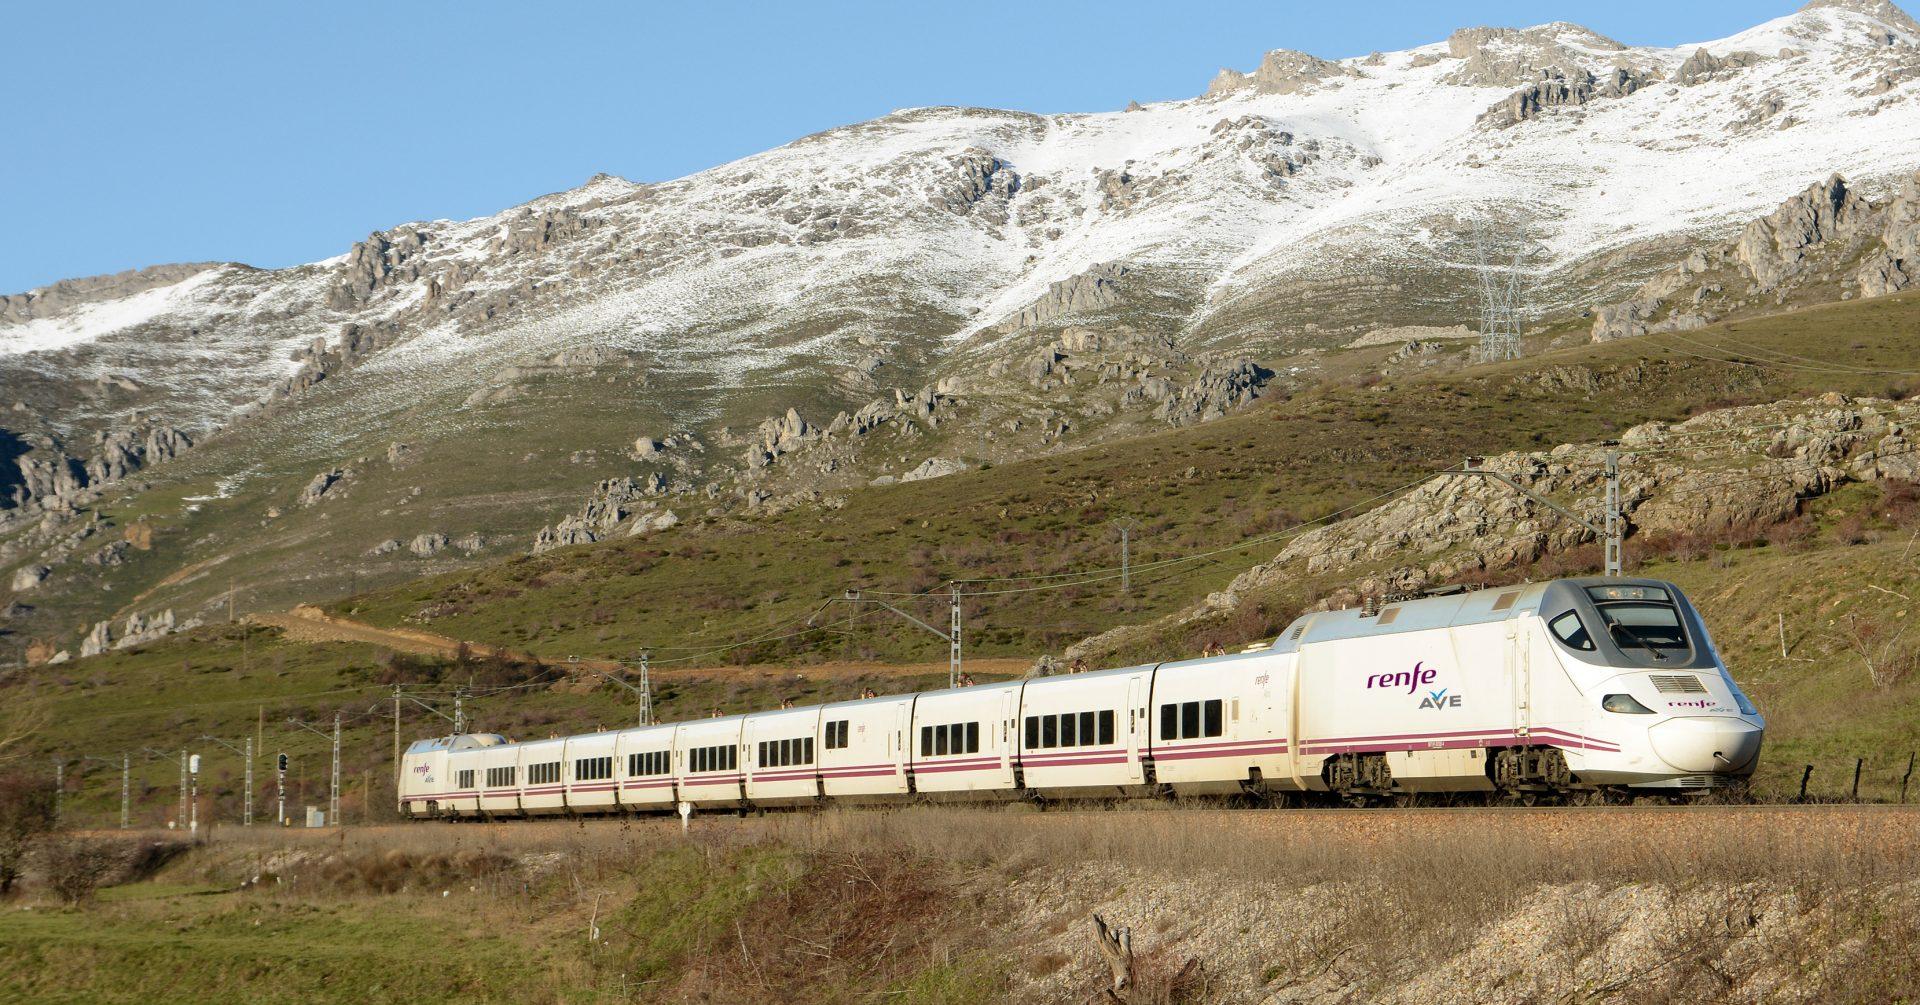 Un tren de la serie 130 luciendo los nuevos logotipos de AVE. Foto: Nuno Silva.